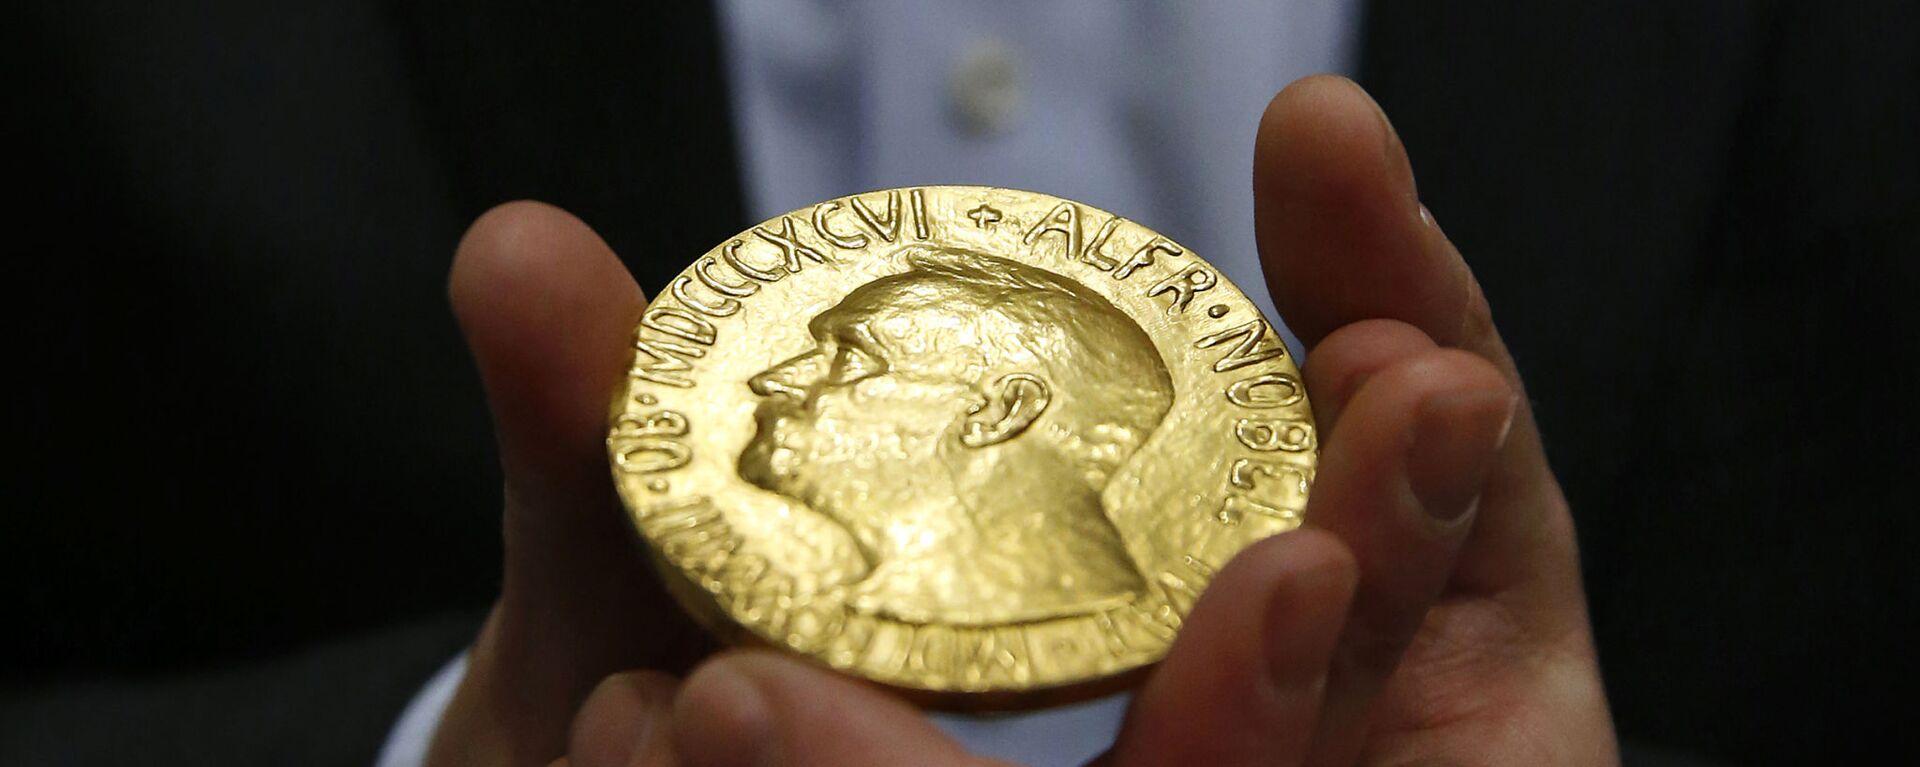 Медаль Нобелевской премии мира - Sputnik Тоҷикистон, 1920, 06.10.2021